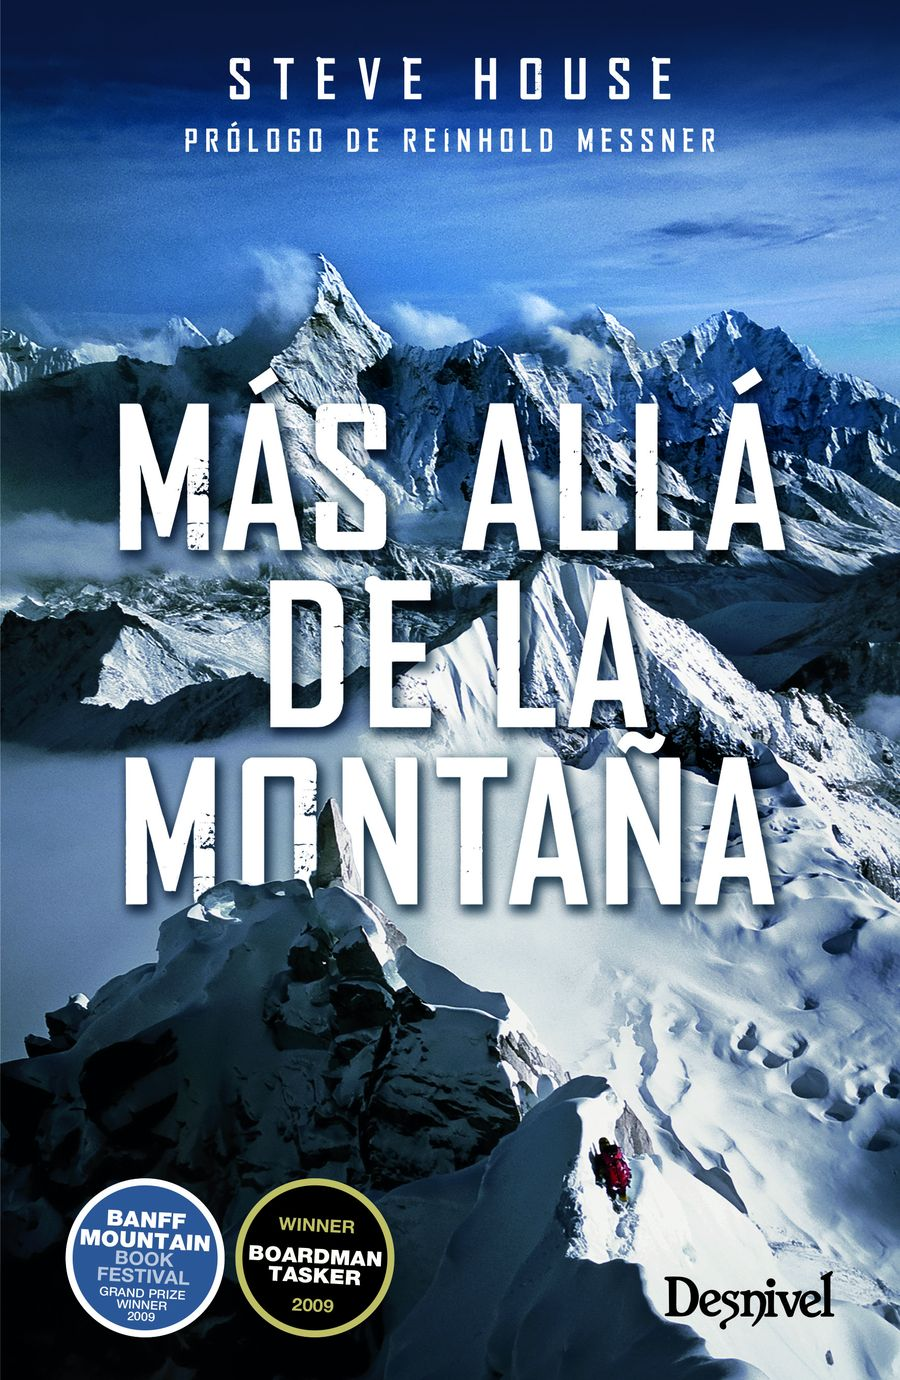 Portada del libro: Más allá de la montaña, por Steve House.